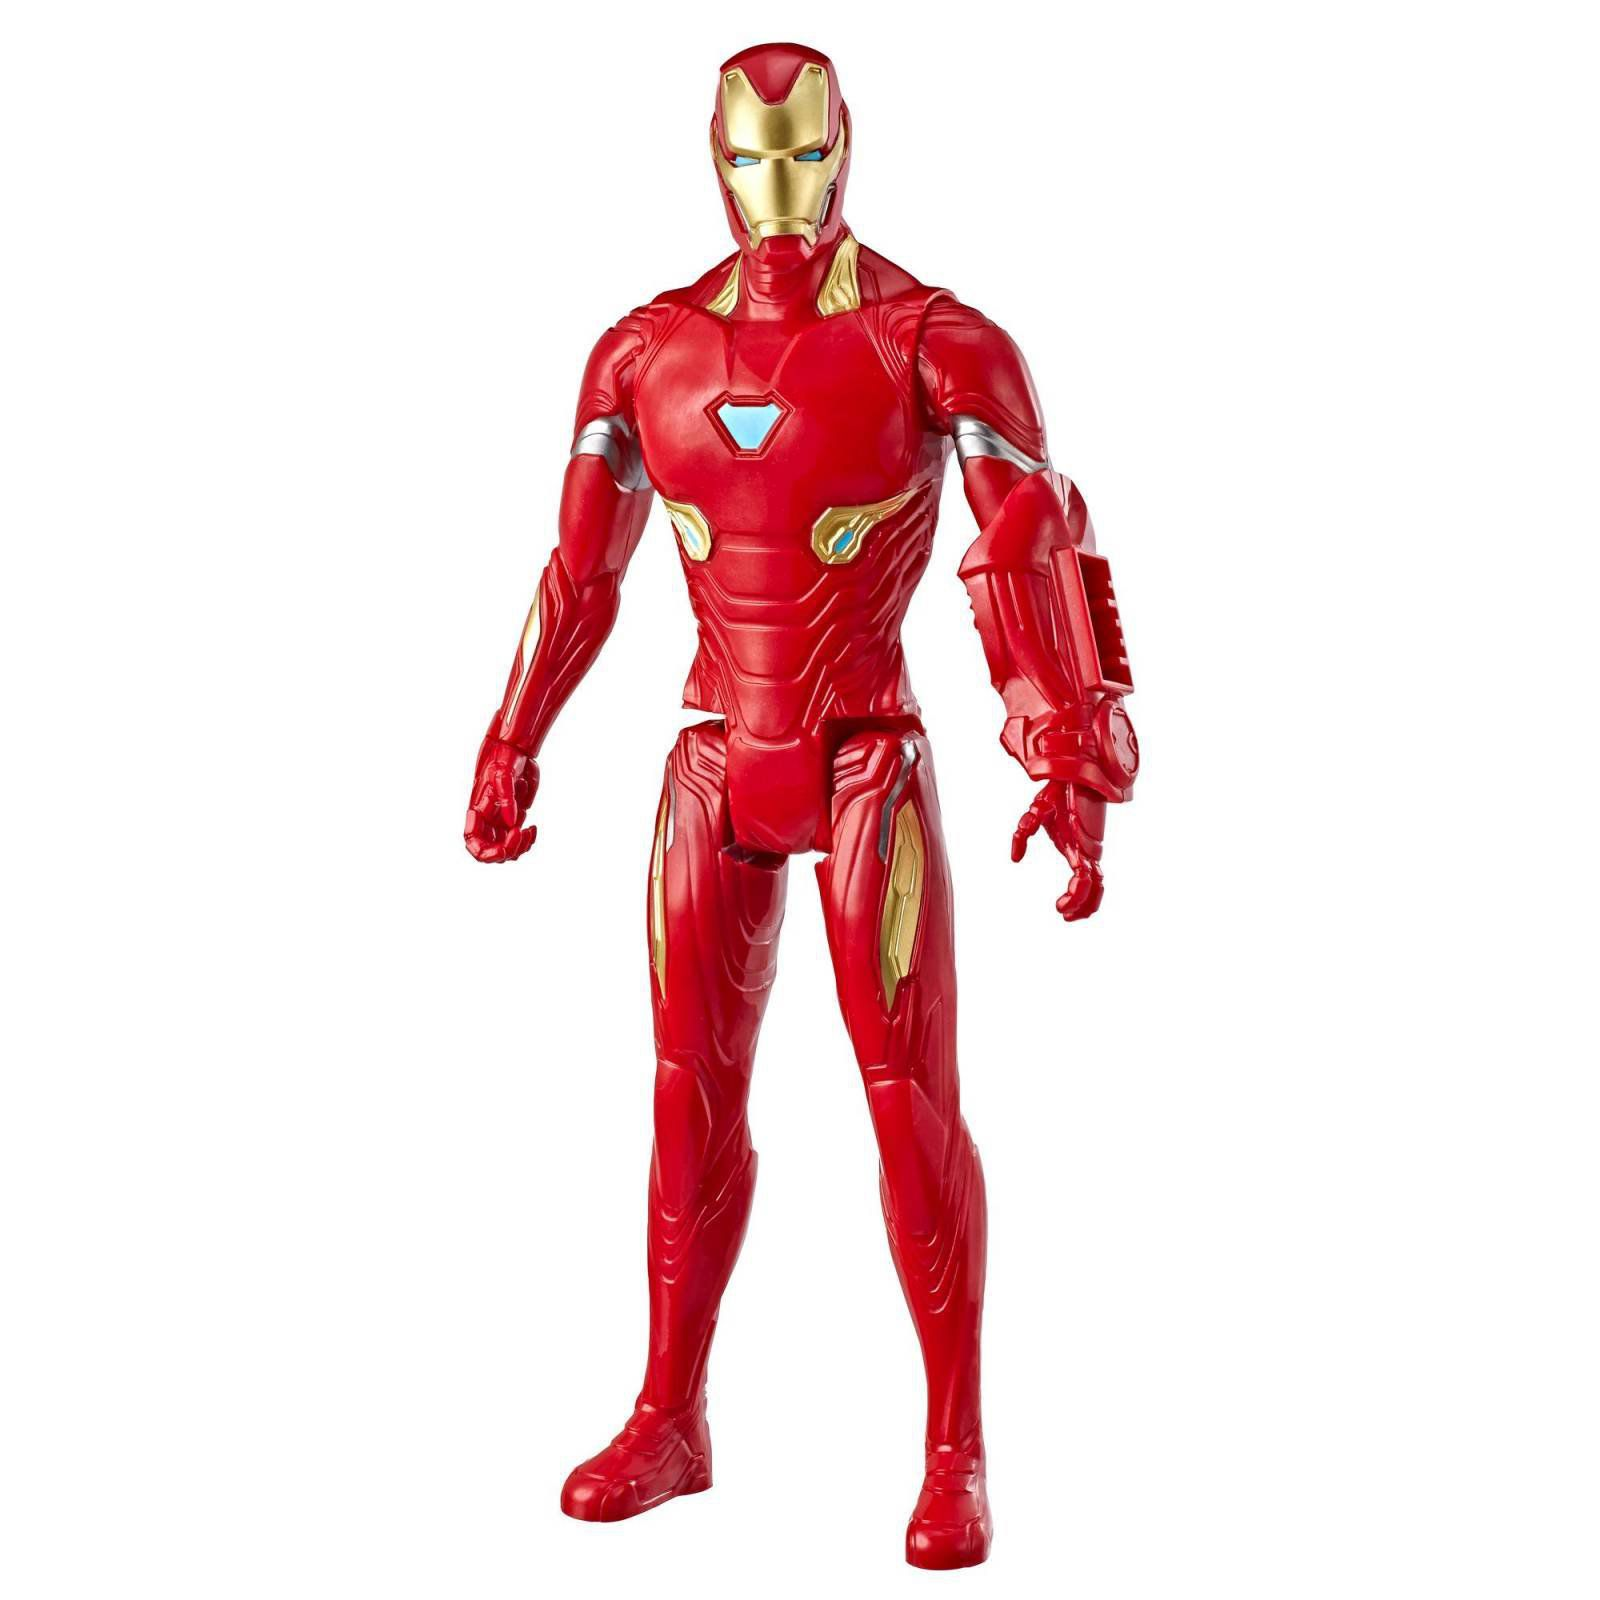 Pack Boneco Capitao America Com Dispositivo Power FX E3301 + Iron Man E3918 + Iron Spider E3308 - Hasbro